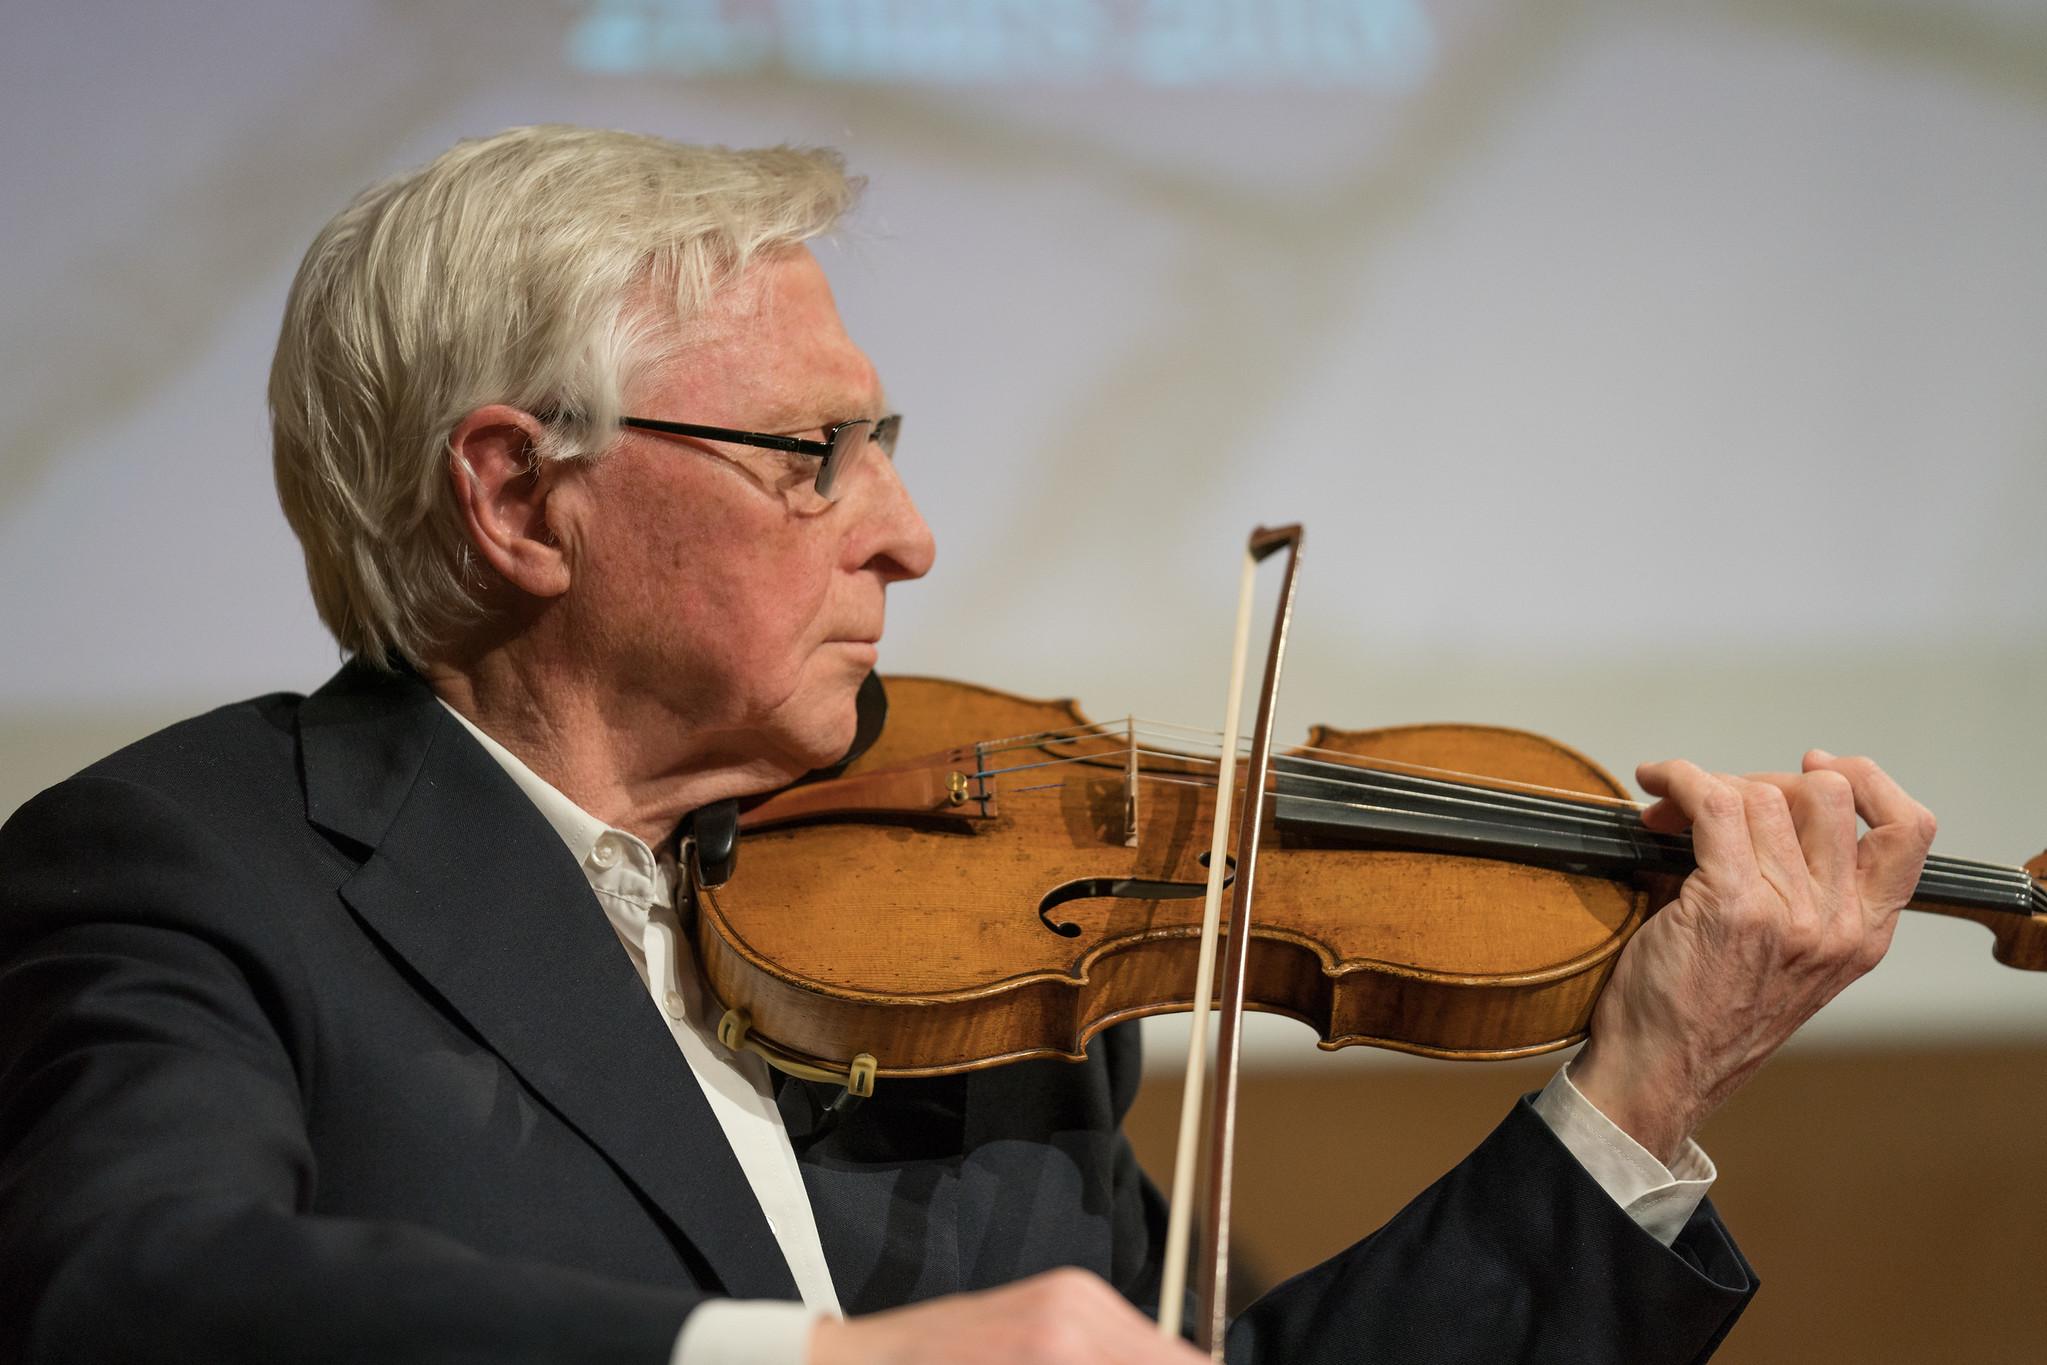 Fiolinist Arve Tellefsen spiller under Unge hjelper unge-konserten på Barratt Due musikkinstitutt, der inntektene går til Kirkens Bymisjon.